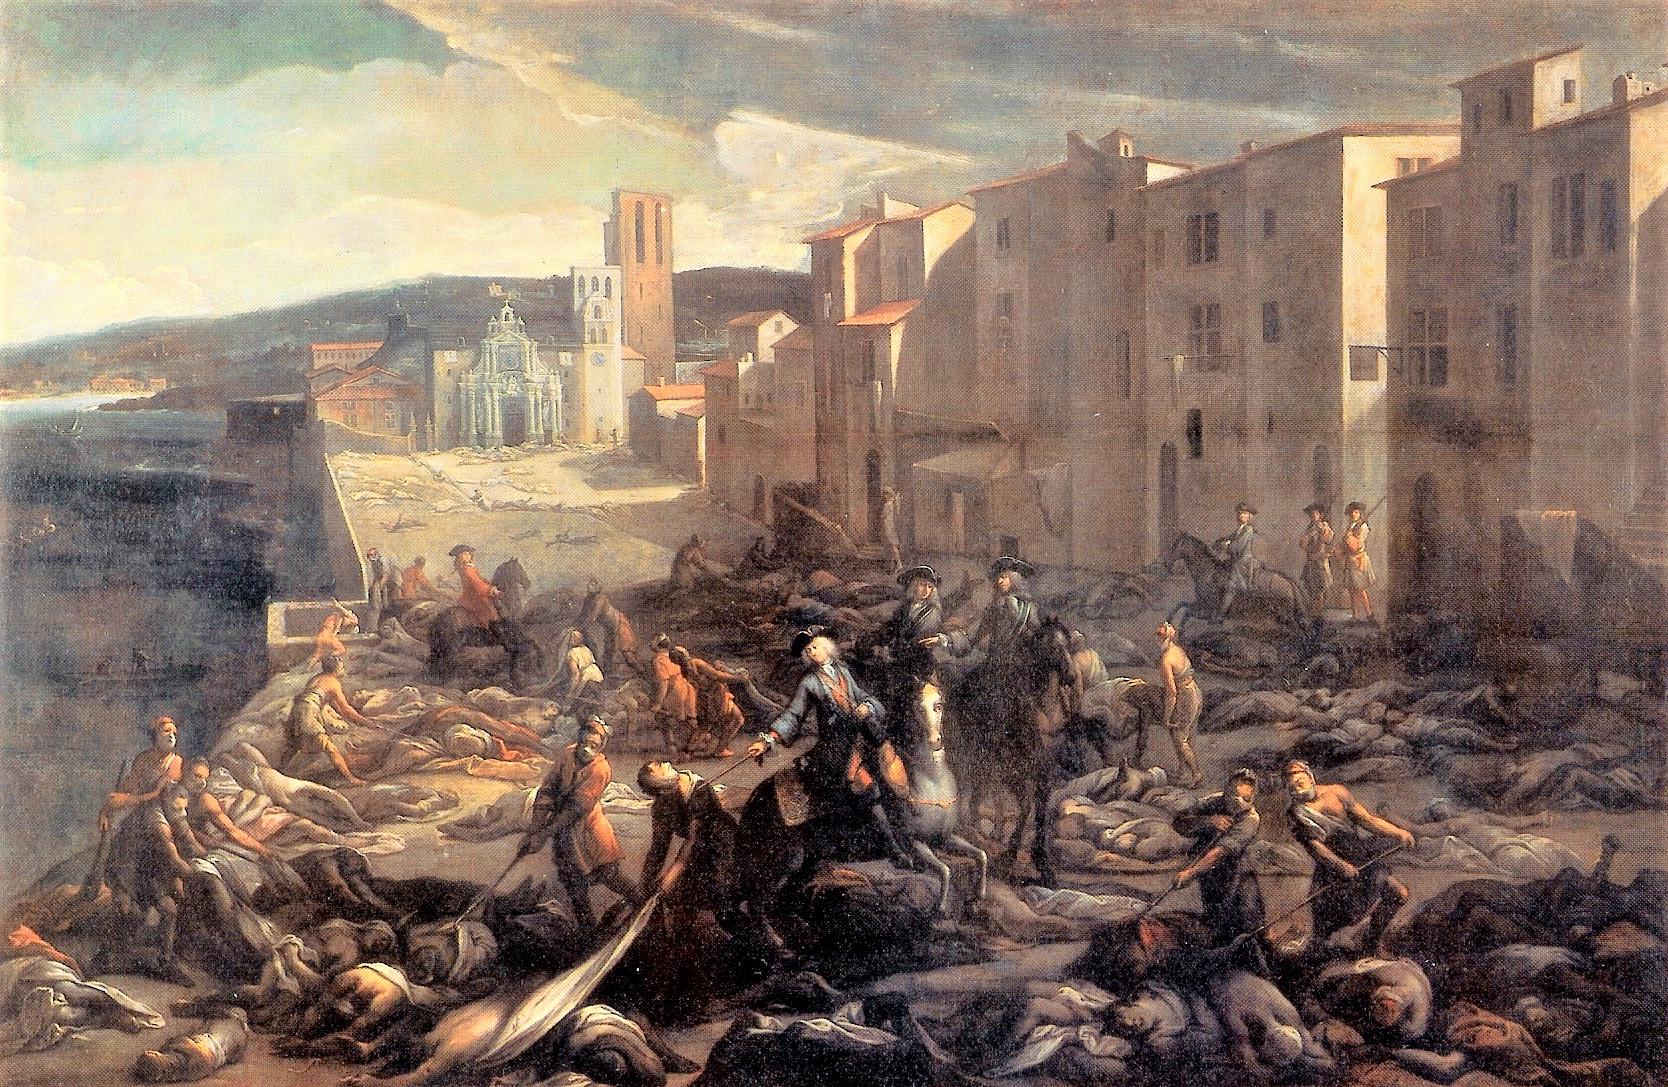 Dünya tarihin akışını değiştirmiş, gelmiş geçmiş en büyük salgın hastalıklar